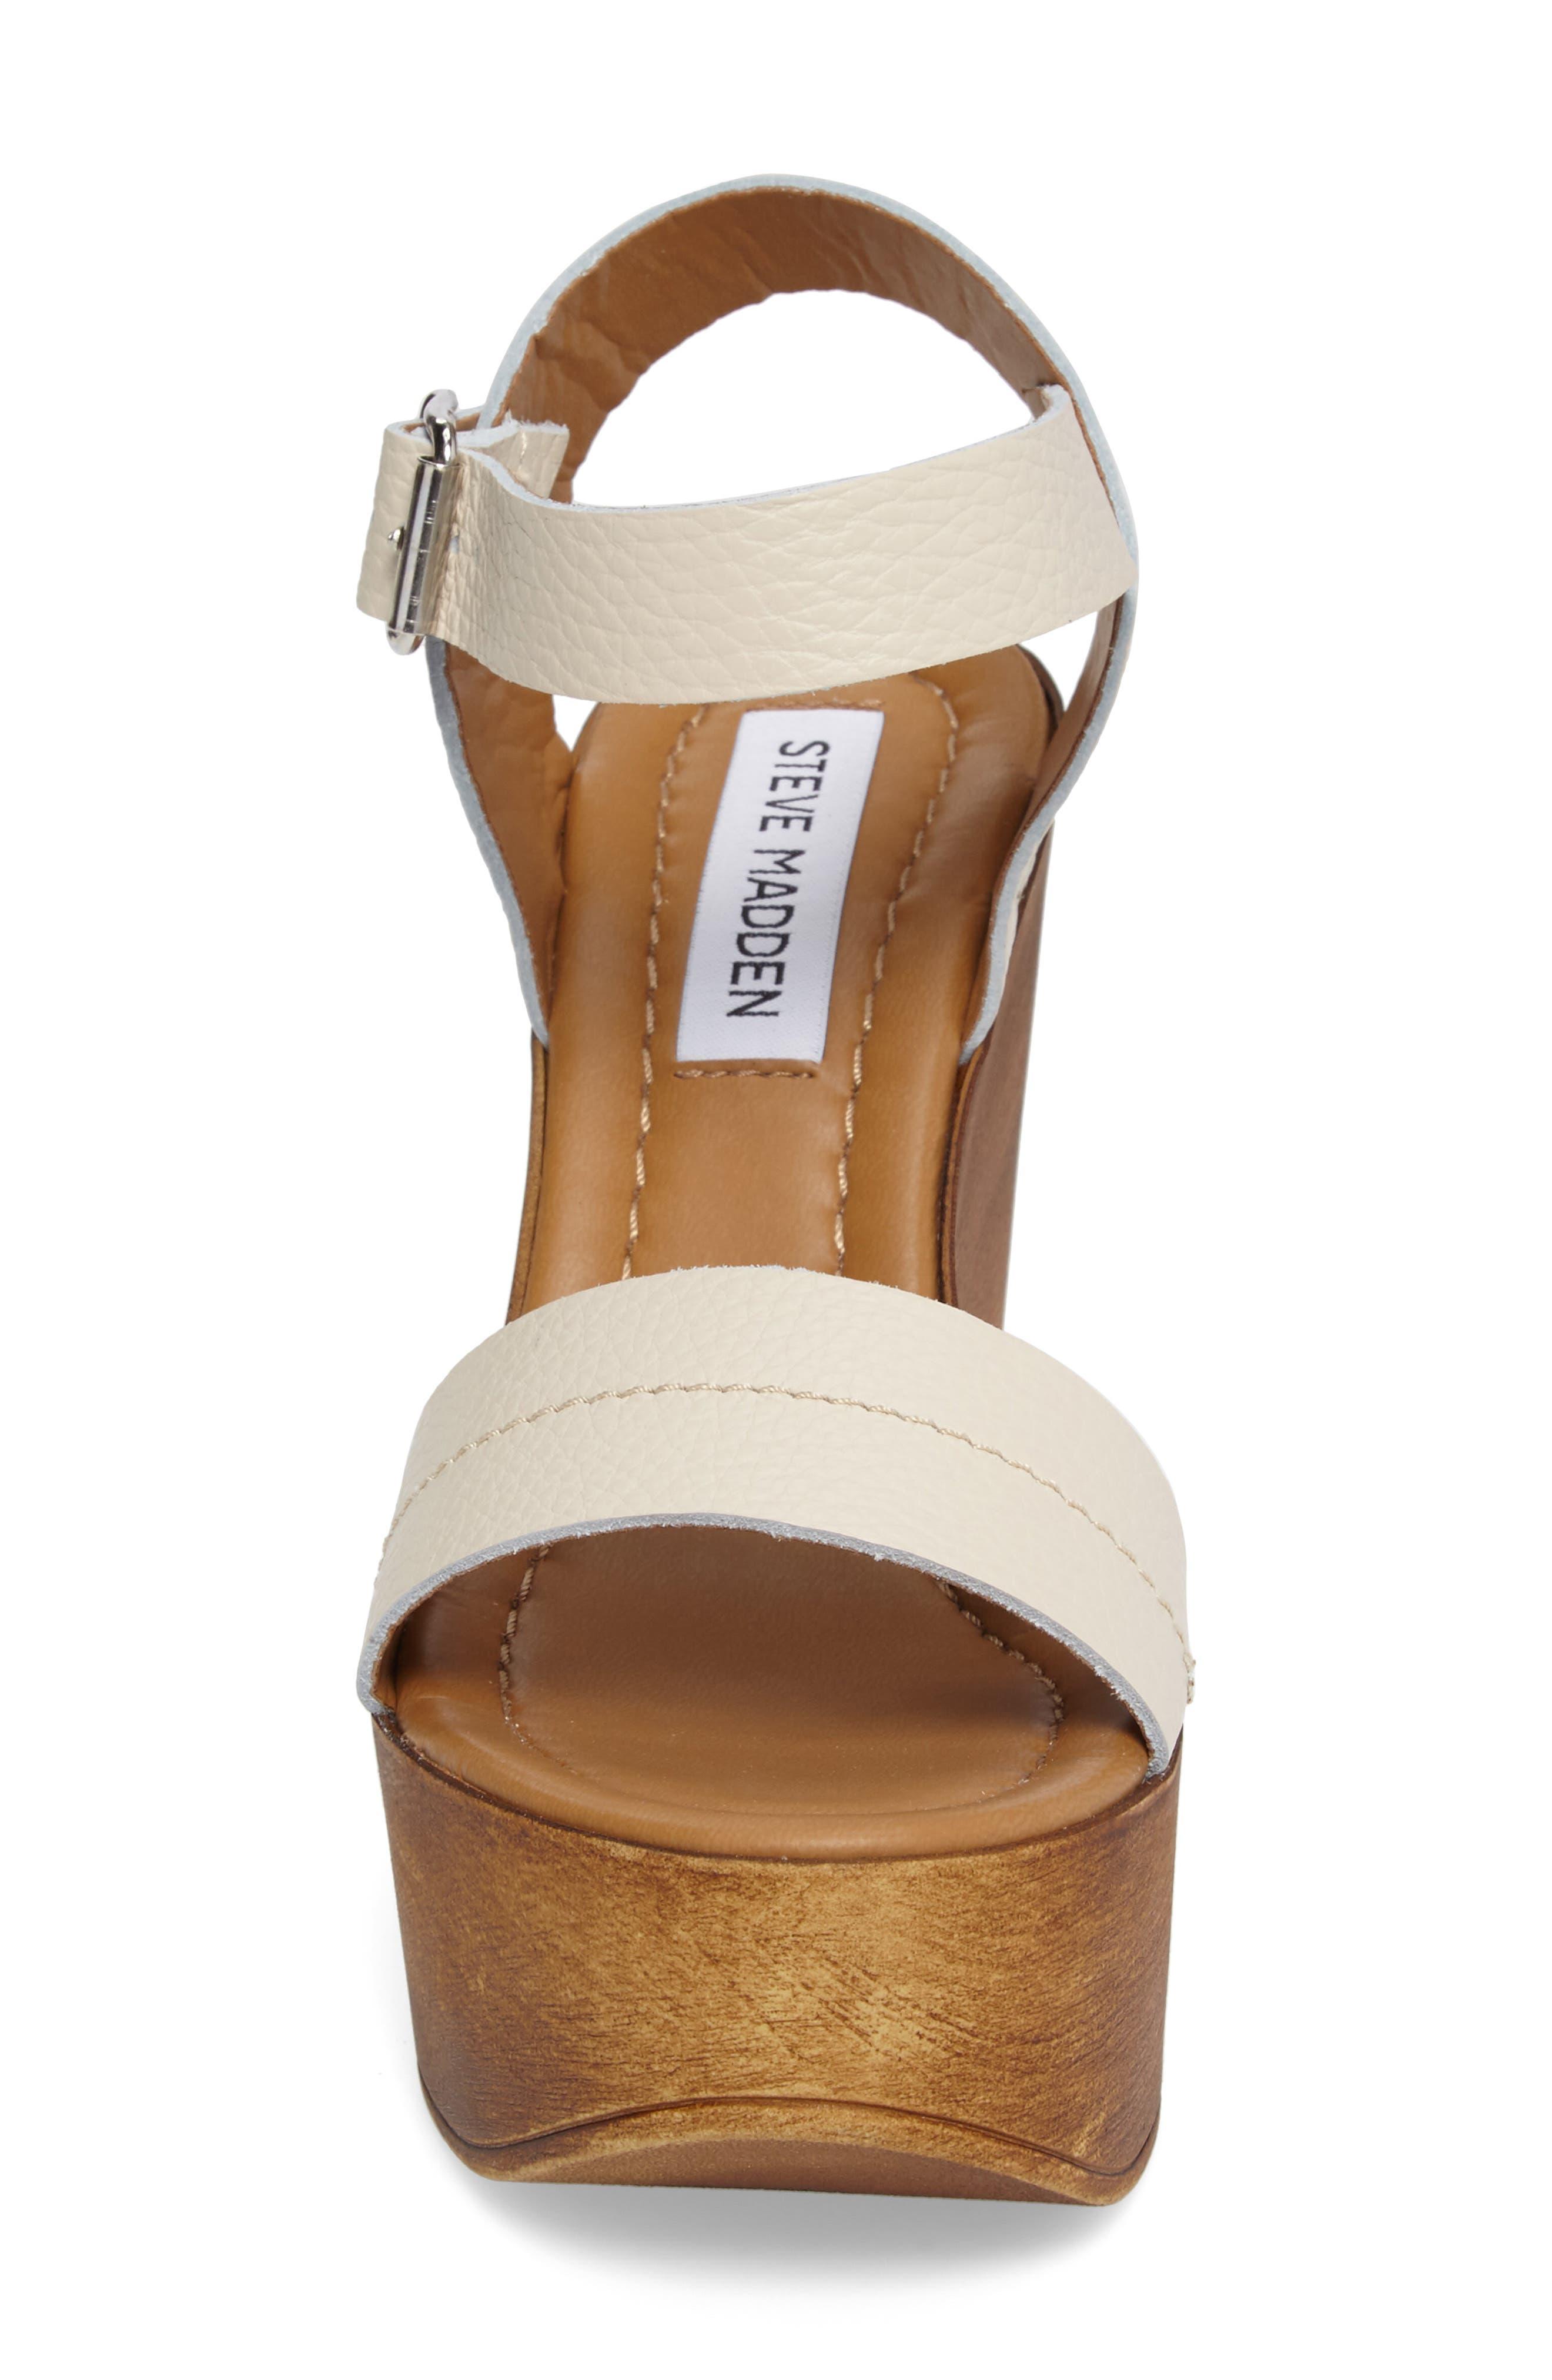 51636a0a8fa STEVE MADDEN Belma Wedge Sandal